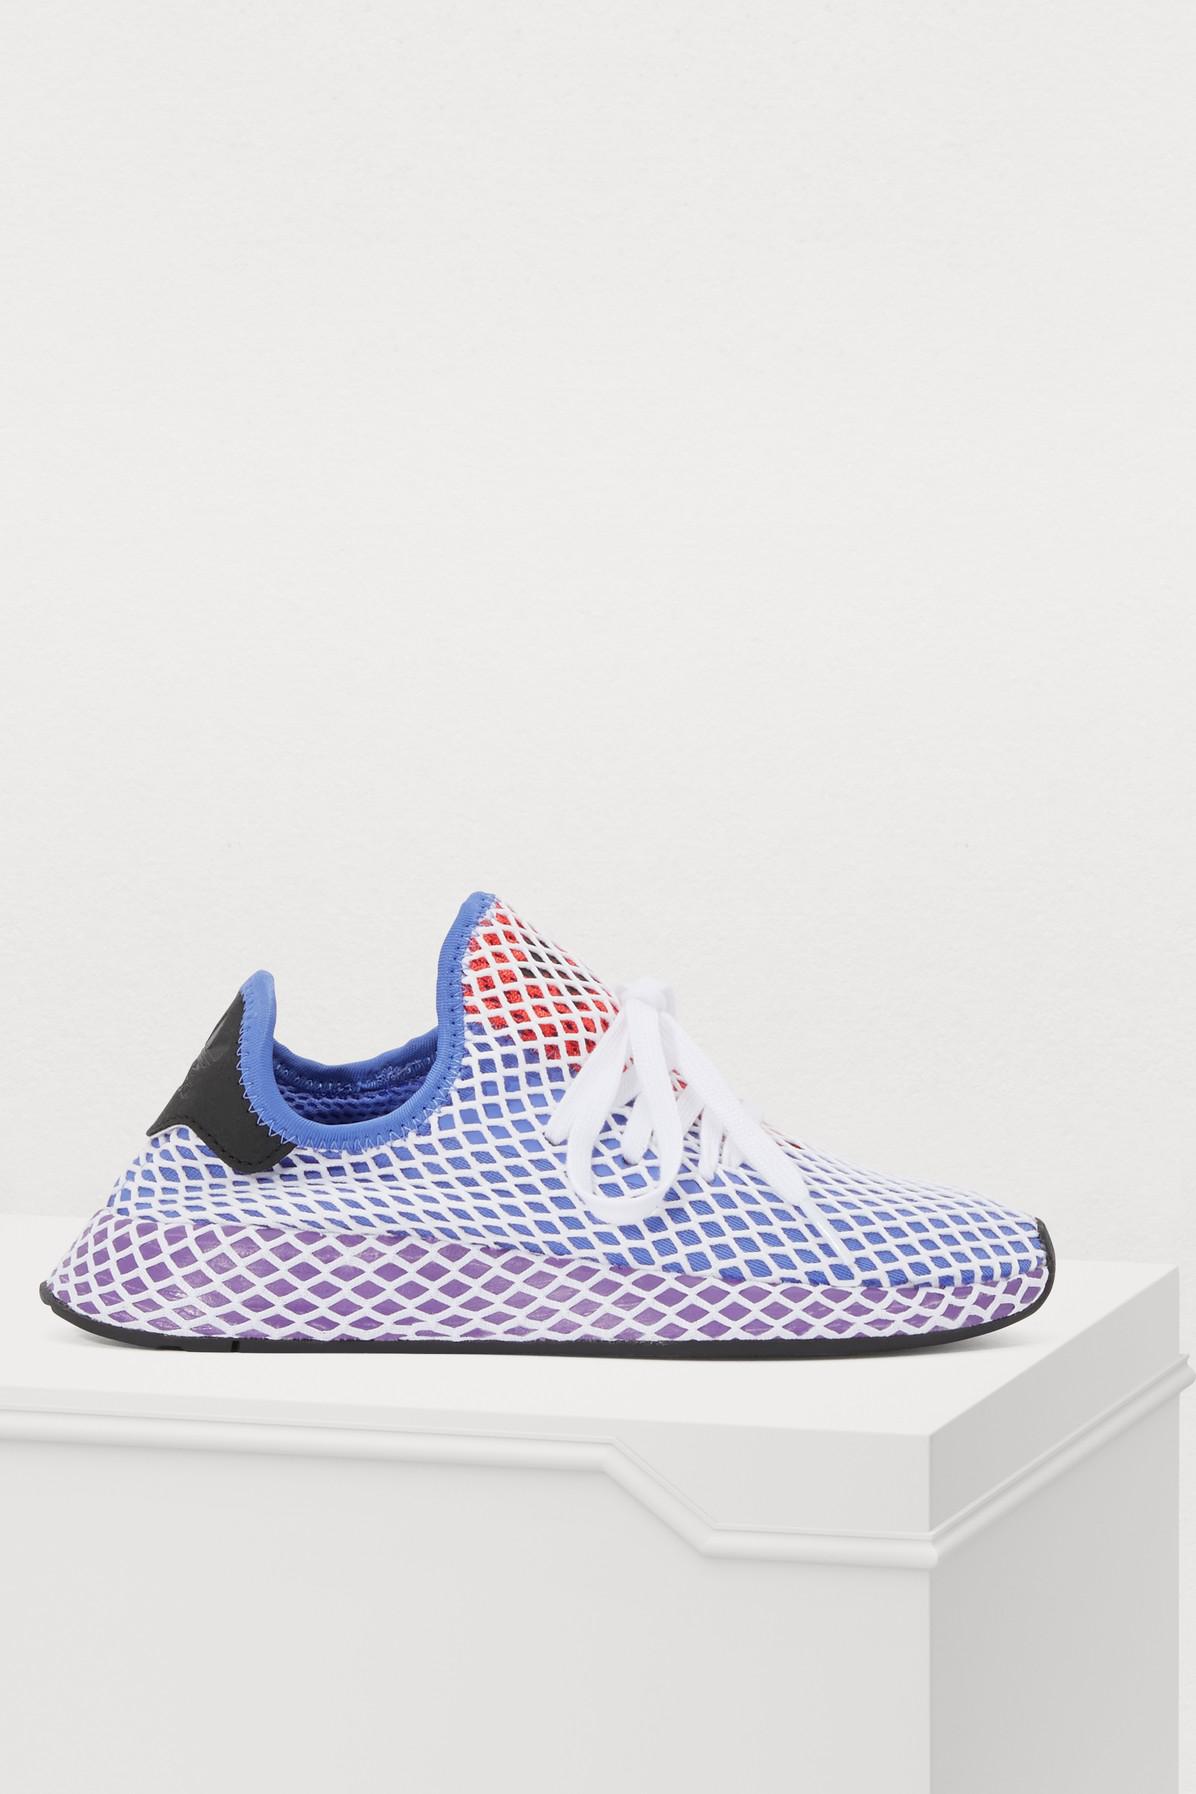 0a5be4b9de57f Adidas Originals Deerupt Runner W Sneakers In Lilaut Vioact Roucho ...